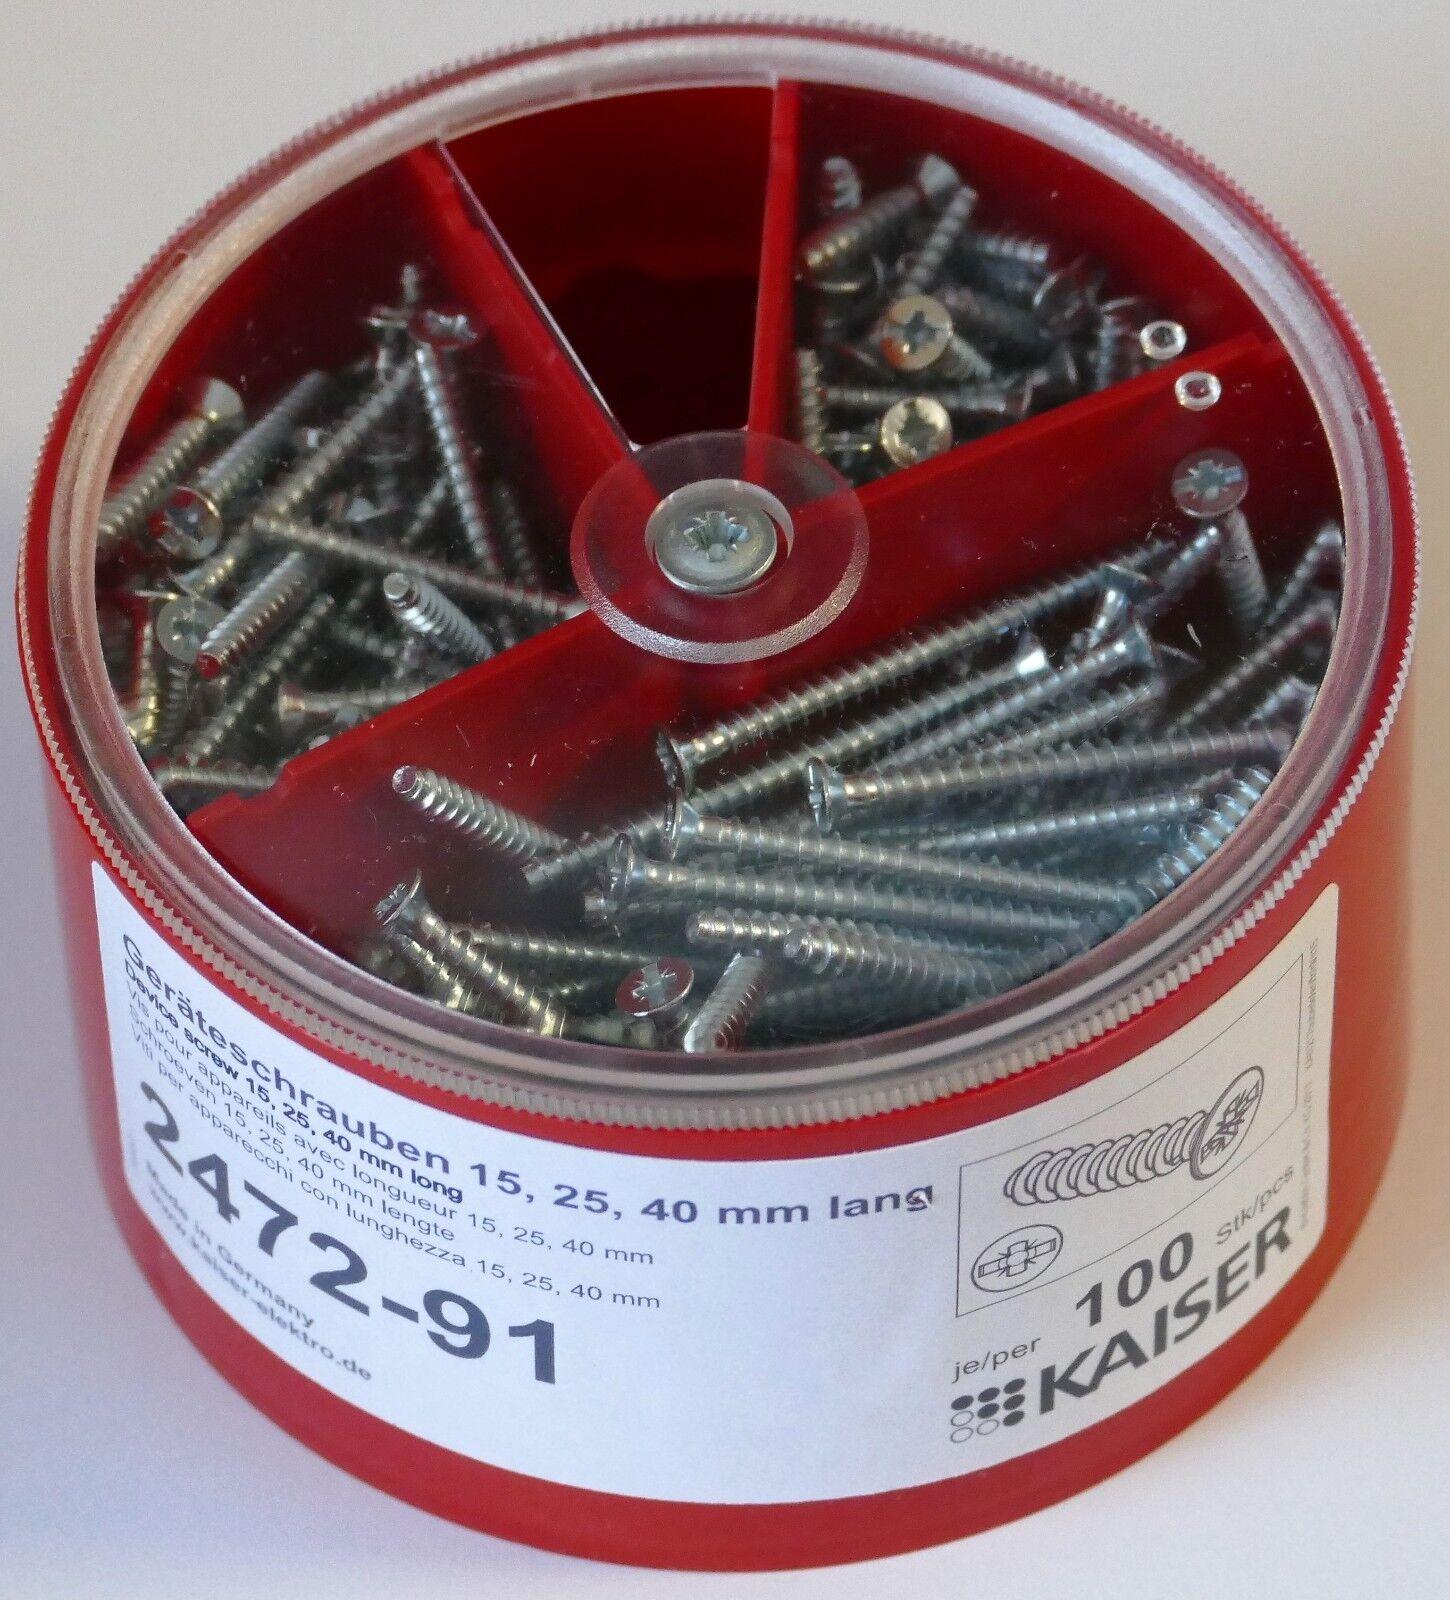 KAISER Geräteschrauben-Box je 100 3,2x15 25 40 2472-91   Charakteristisch